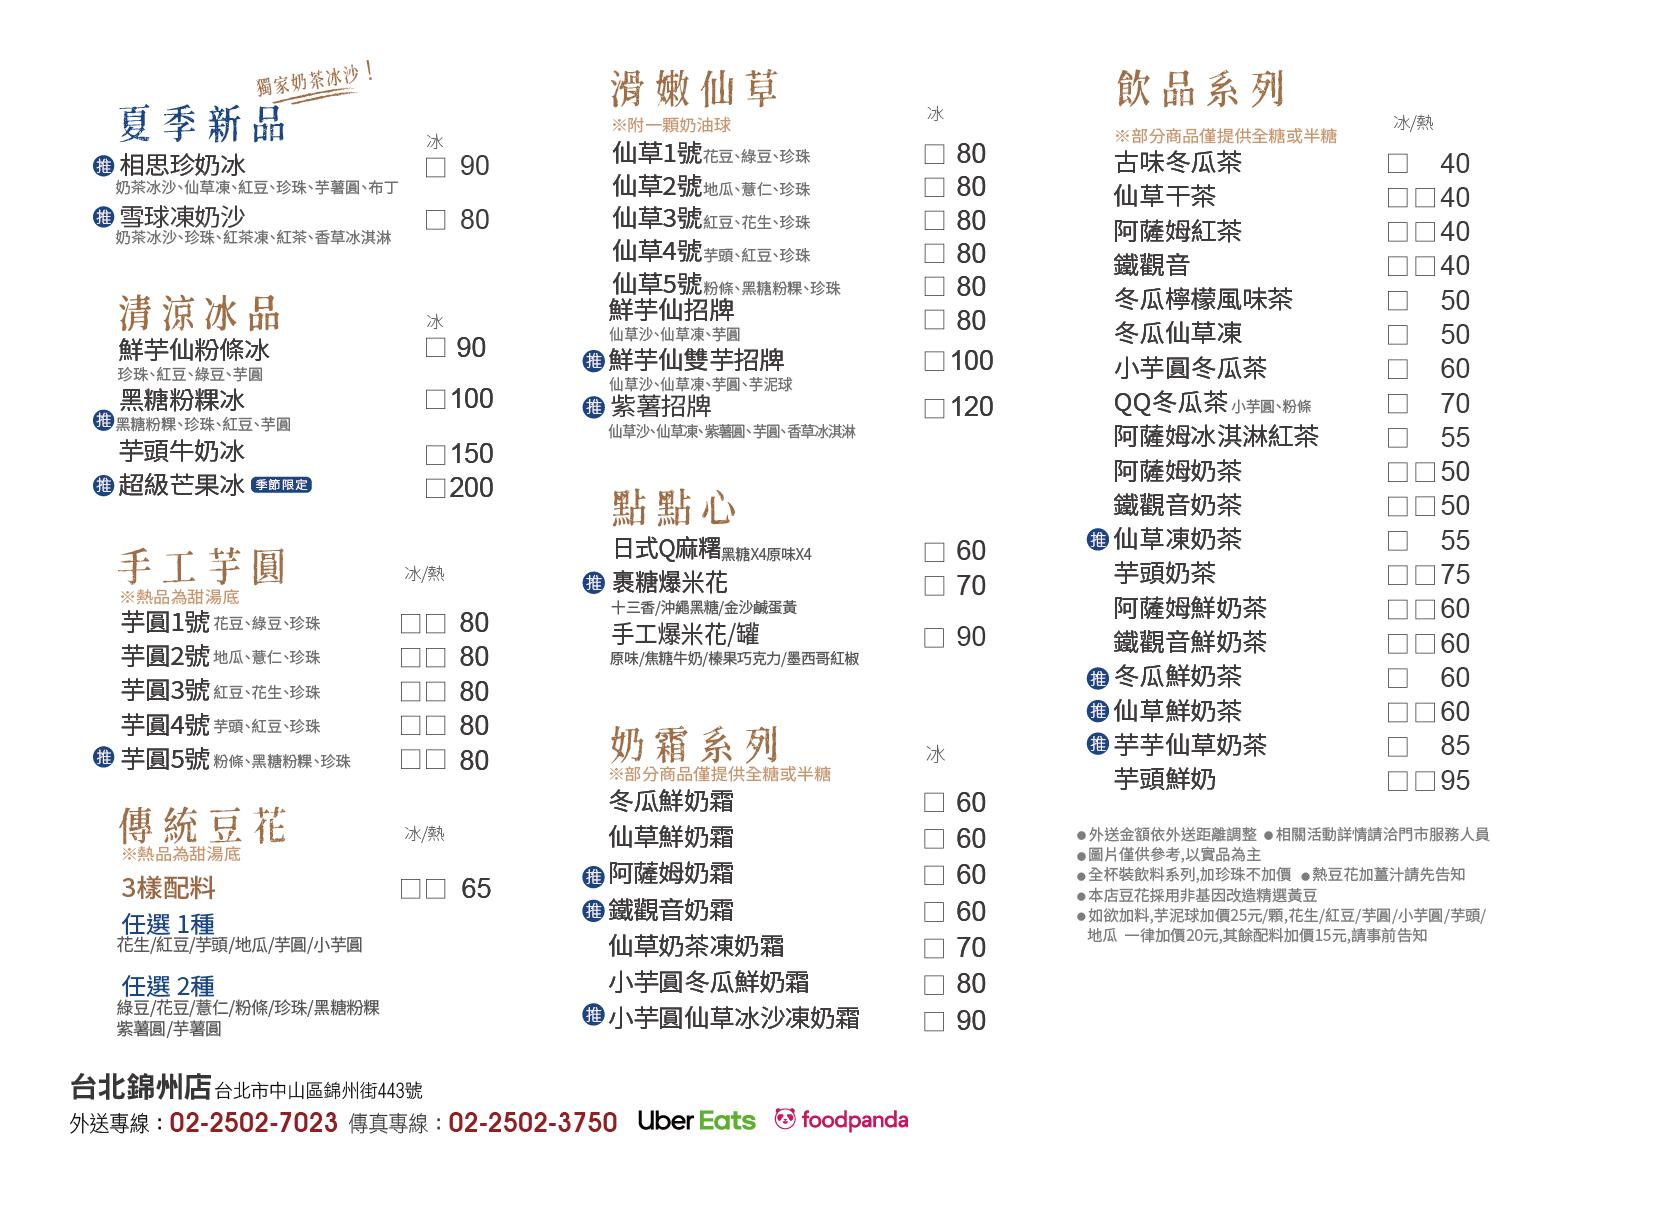 鮮芋仙菜單MENU(台北錦州店)